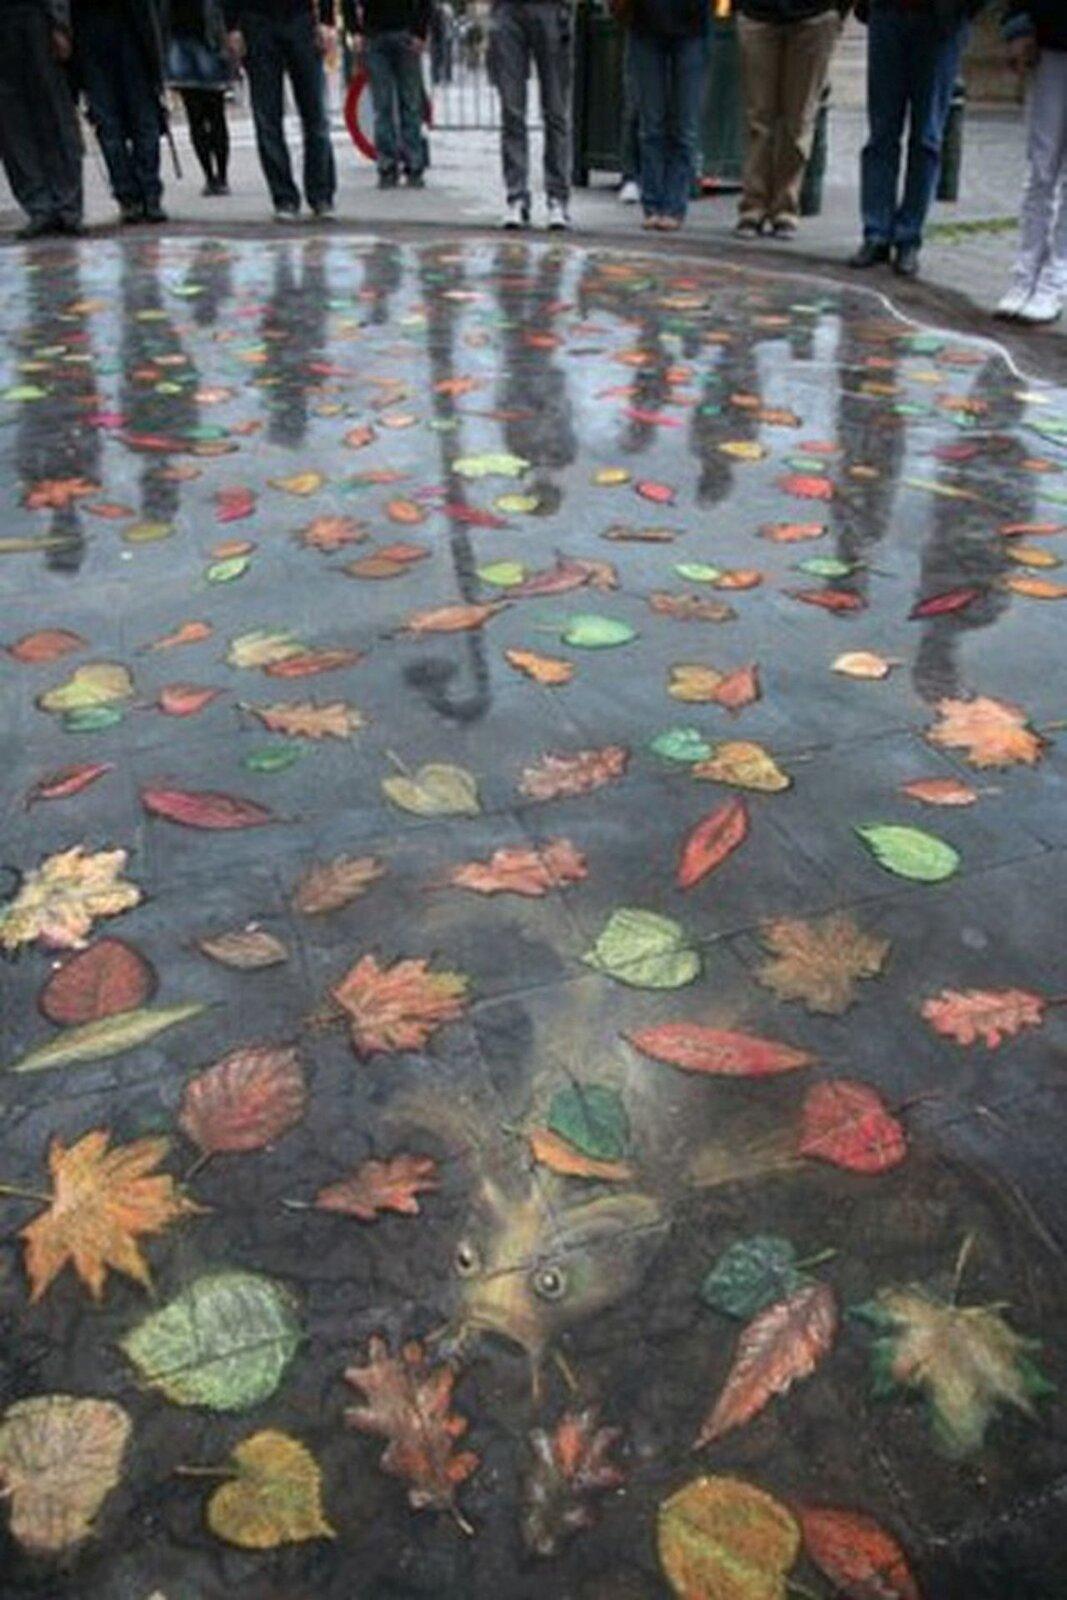 Ilustracja przedstawia graffiti 3D Juliana Beevera. Ukazuje namalowane pastelami na ulicy liście pływające na wodzie. Zgłębi wynurza się sum. Praca sprawia wrażenie realistycznej. Wtle znajdują się postacie oglądające dzieło.